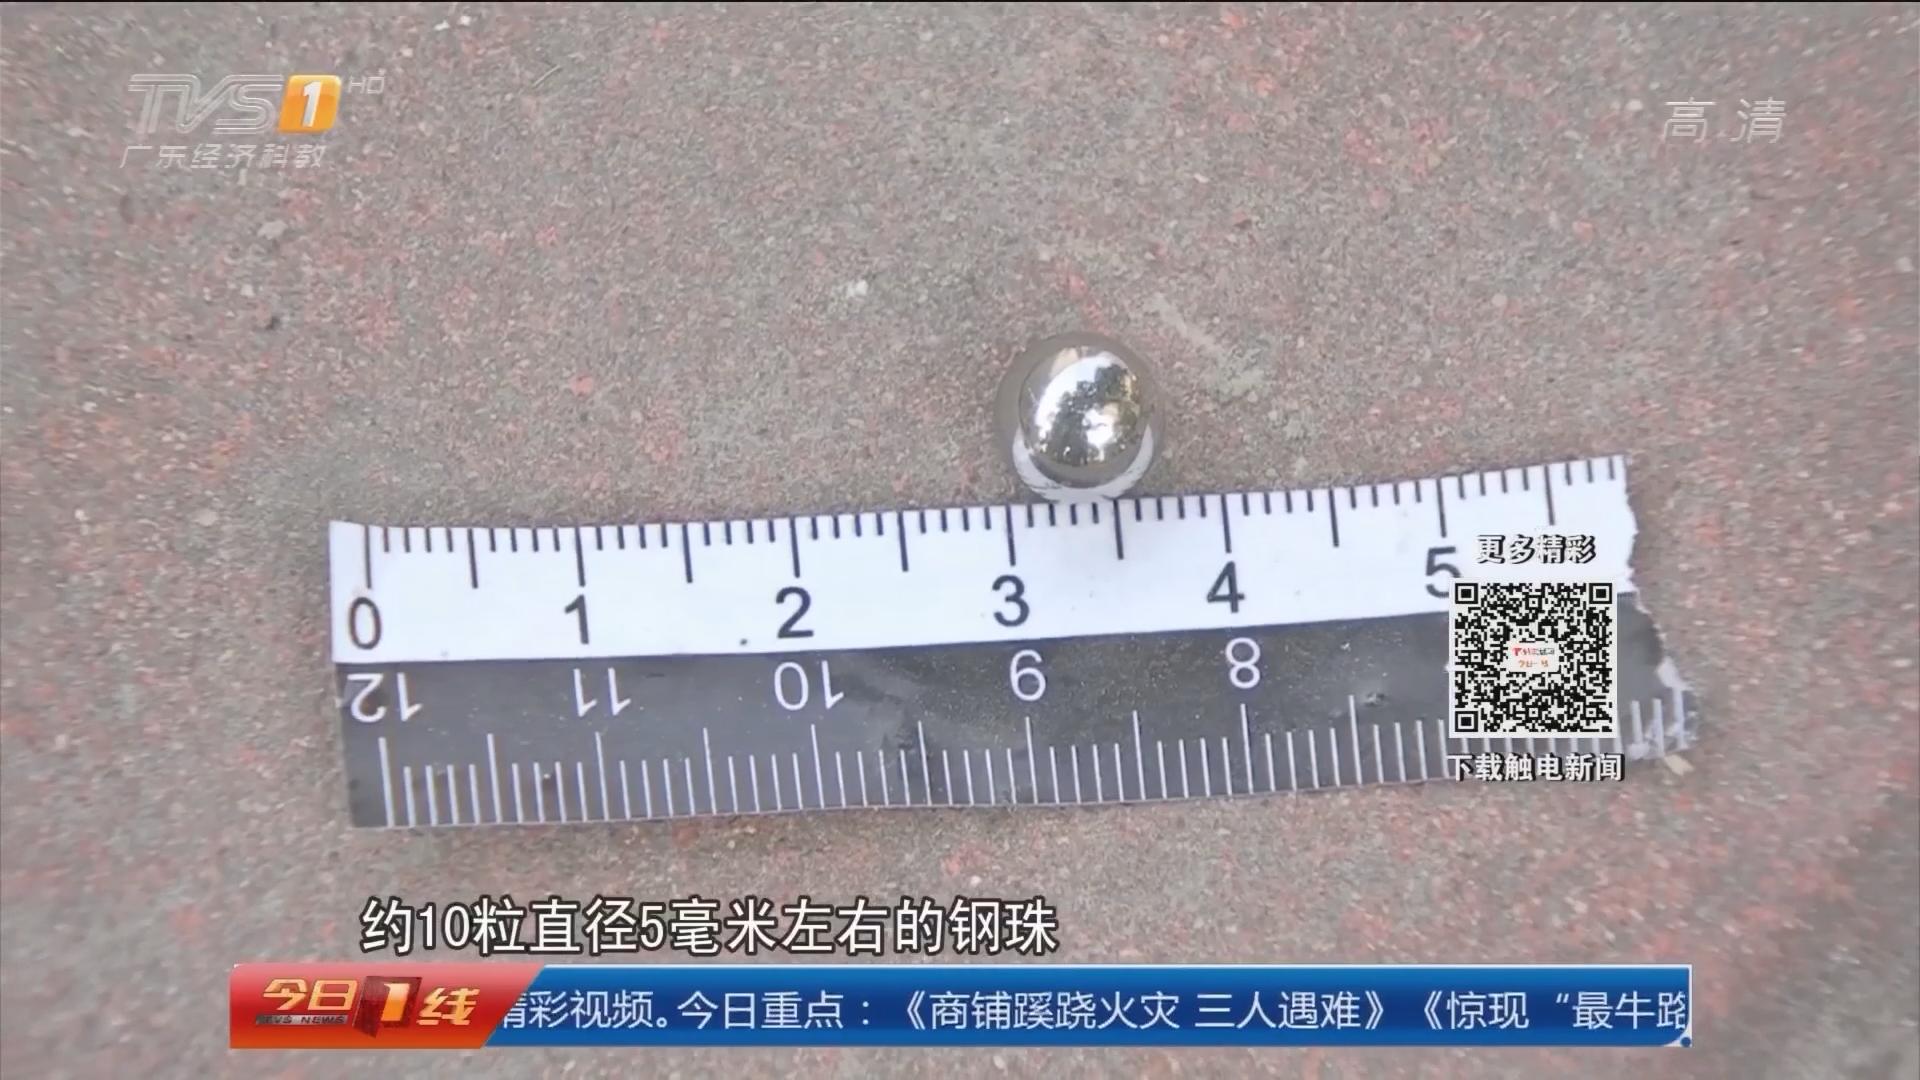 广州金沙洲:走路险遭袭 车窗被钢珠击穿